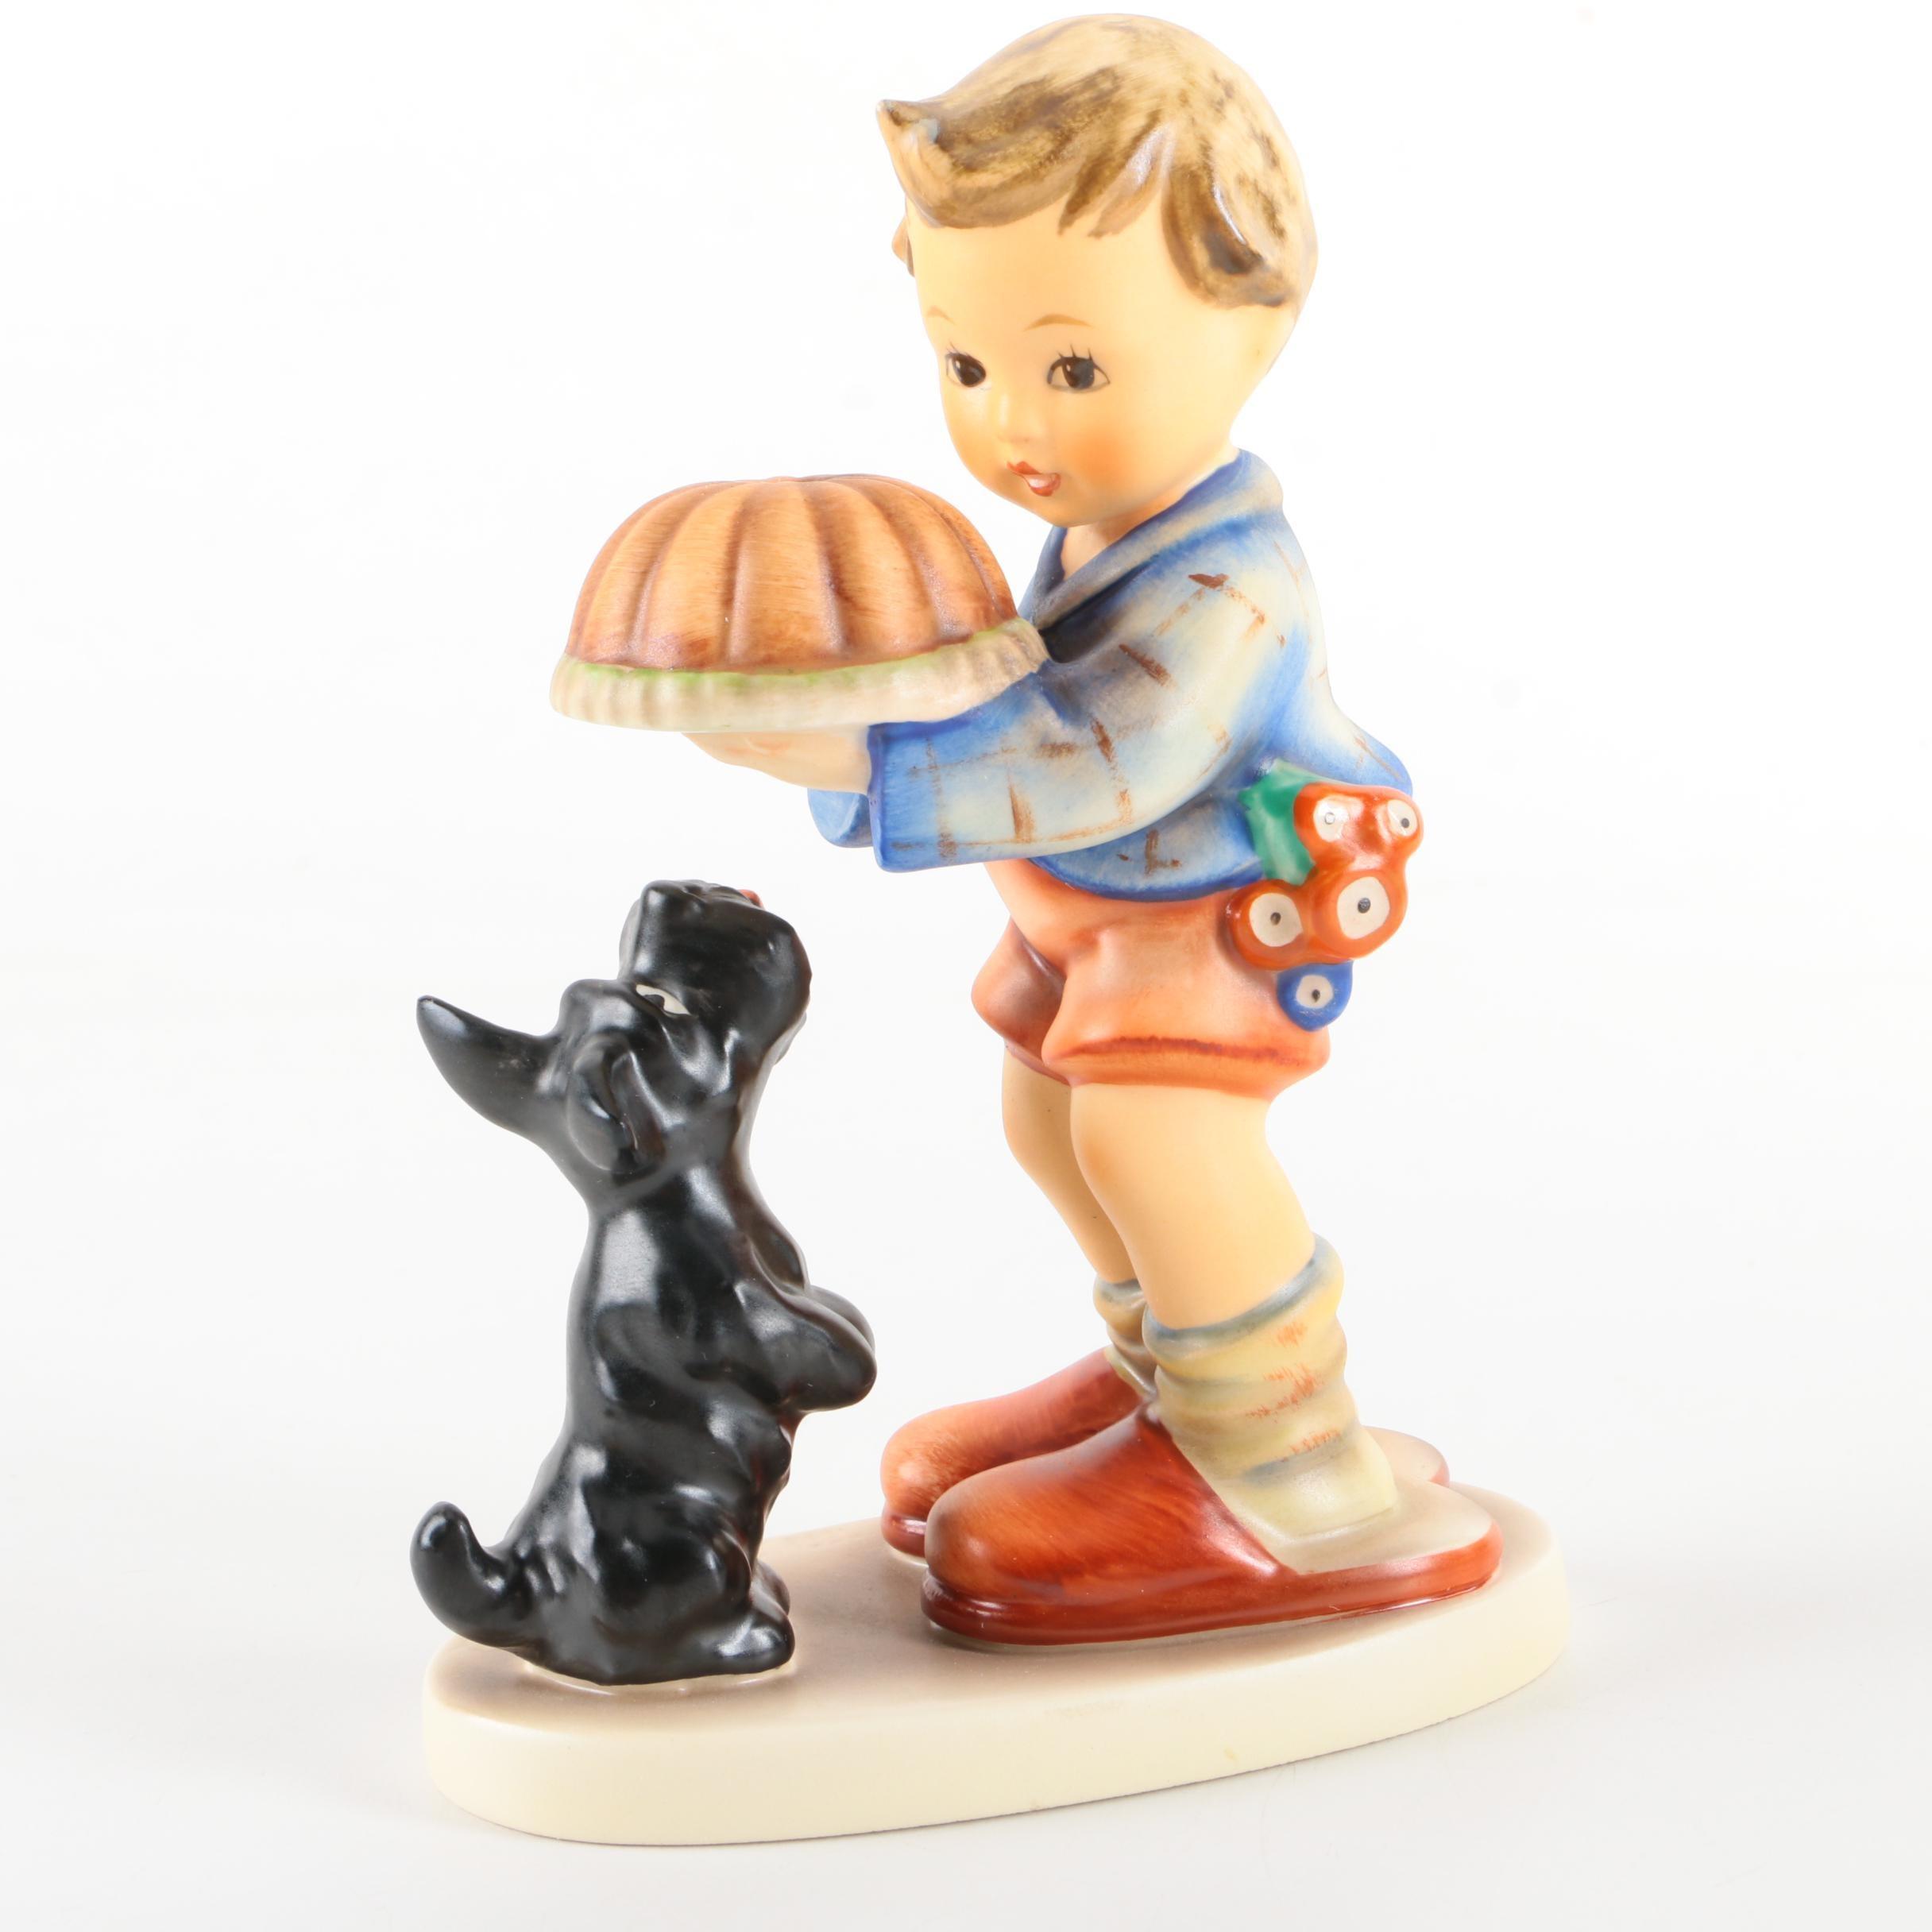 """Goebel Hummel """"Begging His Share"""" Figurine"""